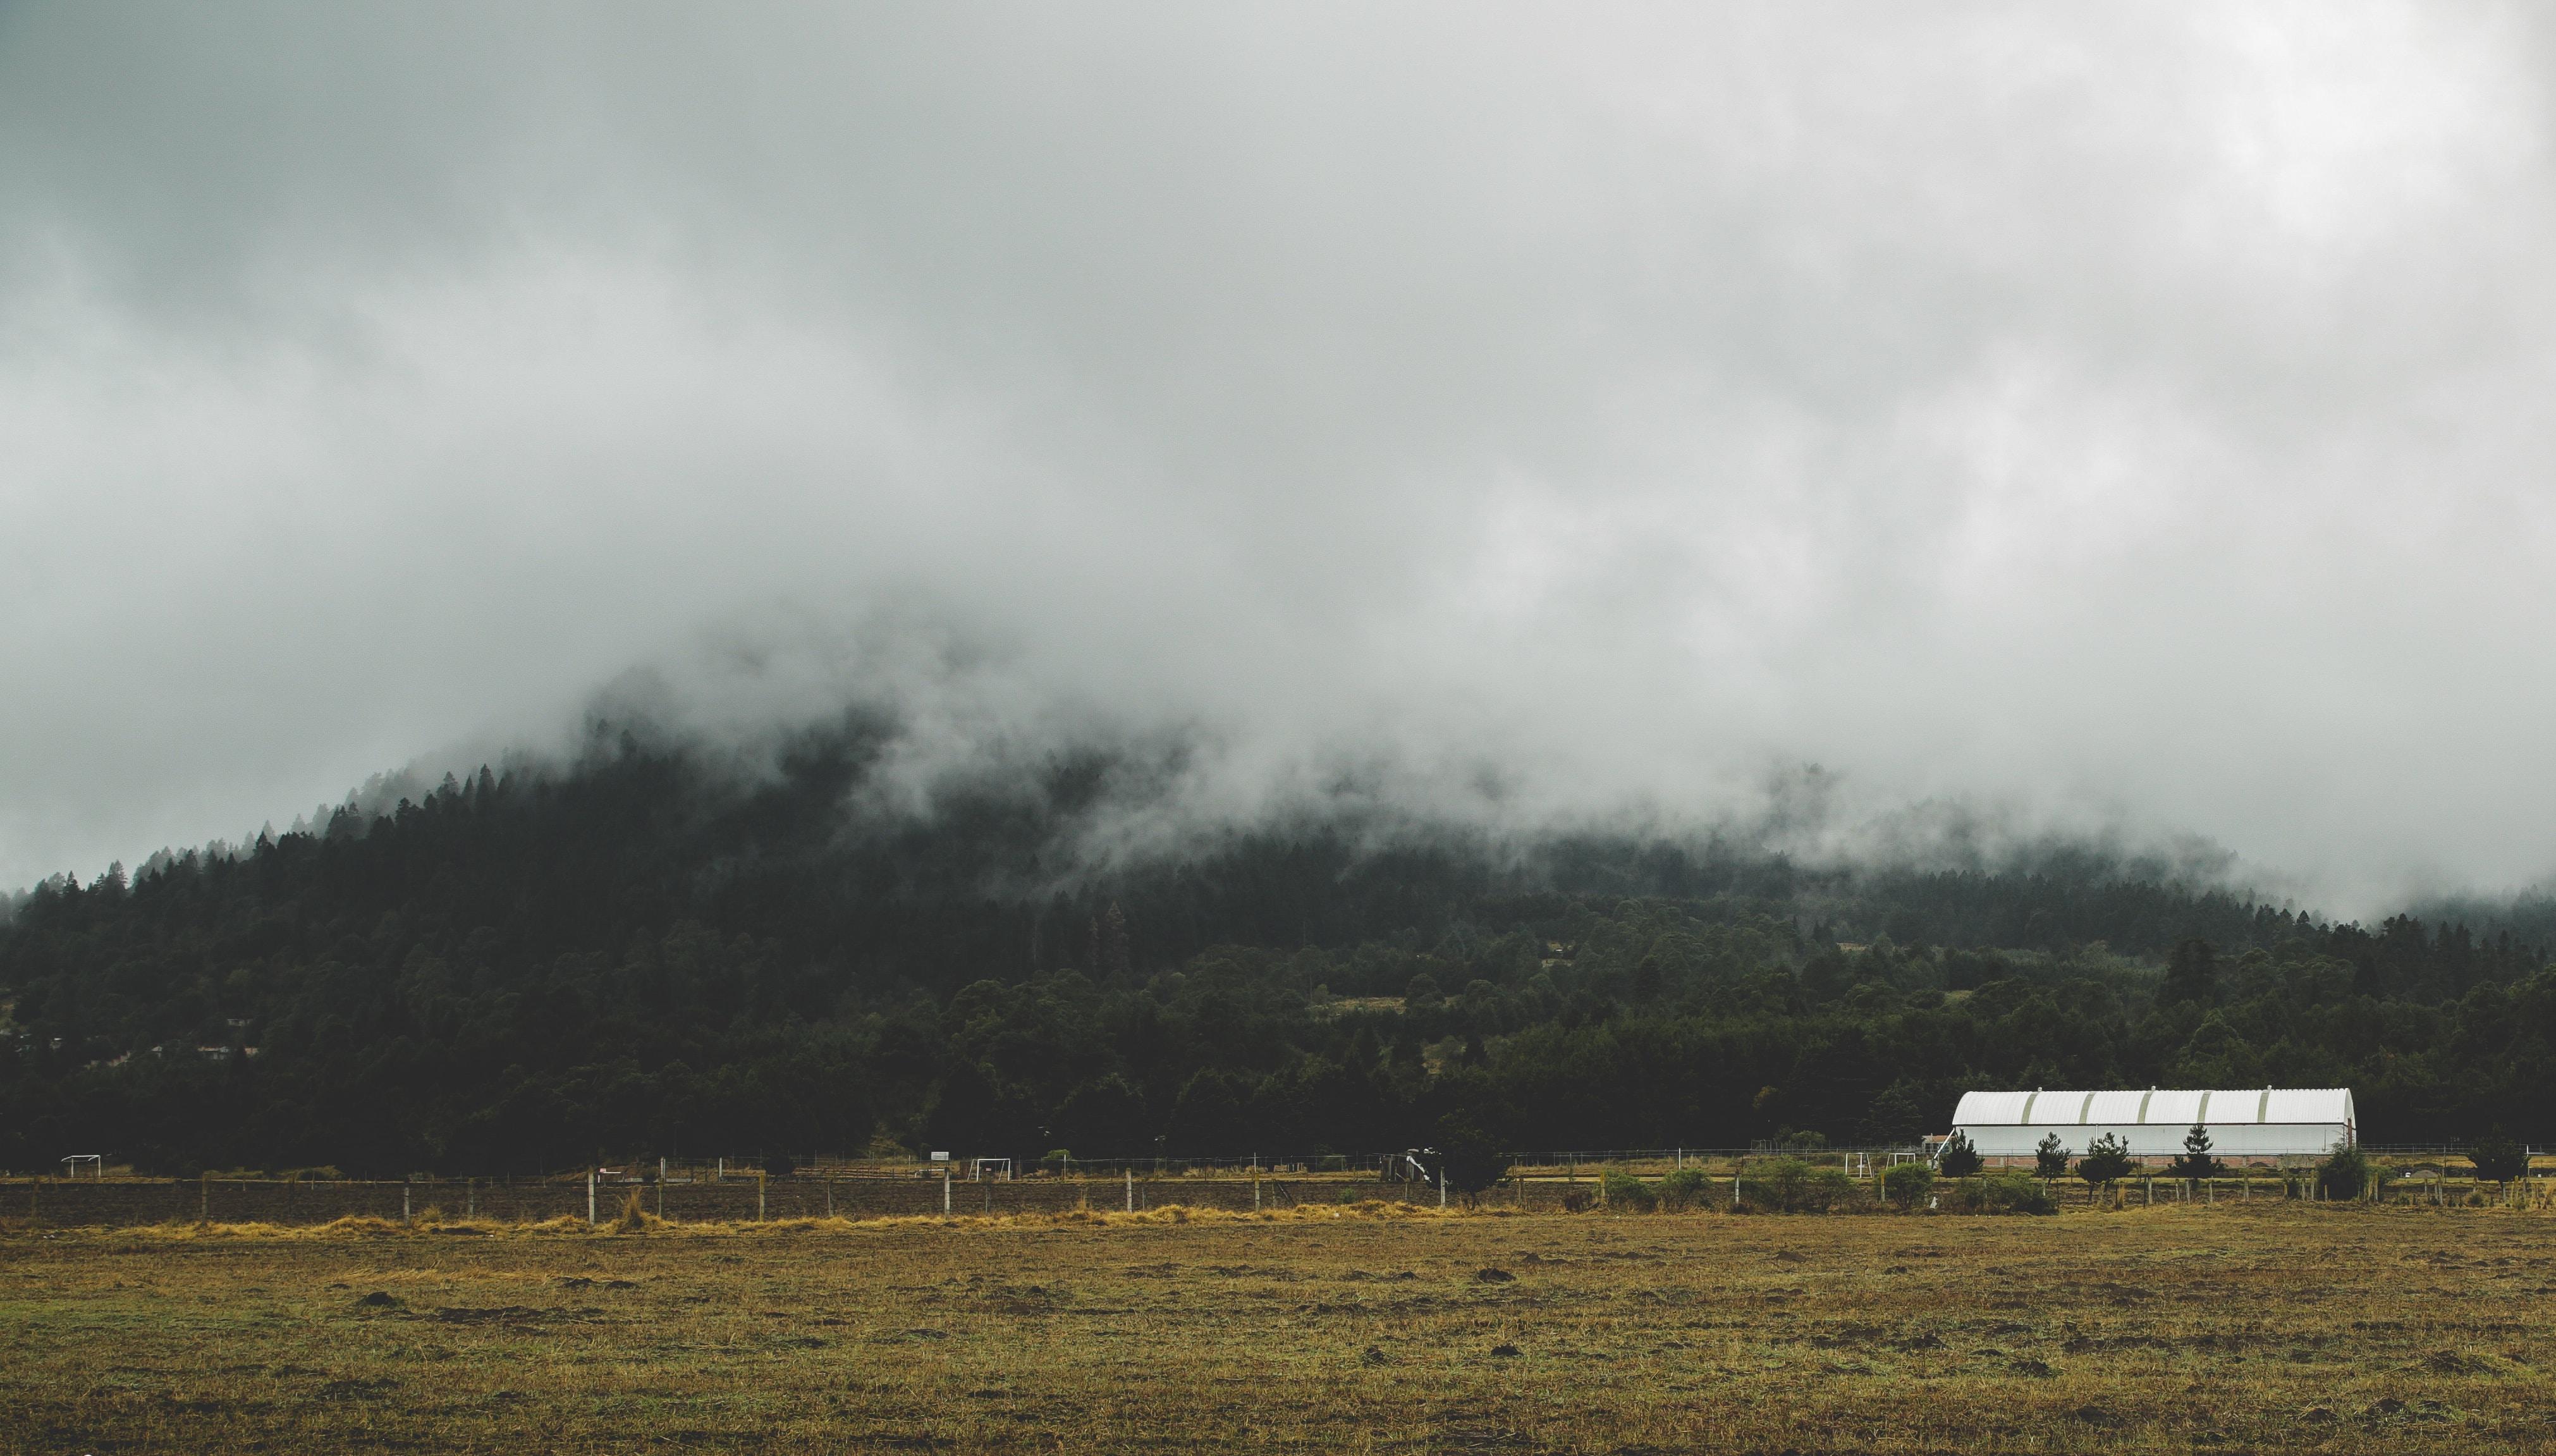 A white building on a field near a fog-shrouded hill